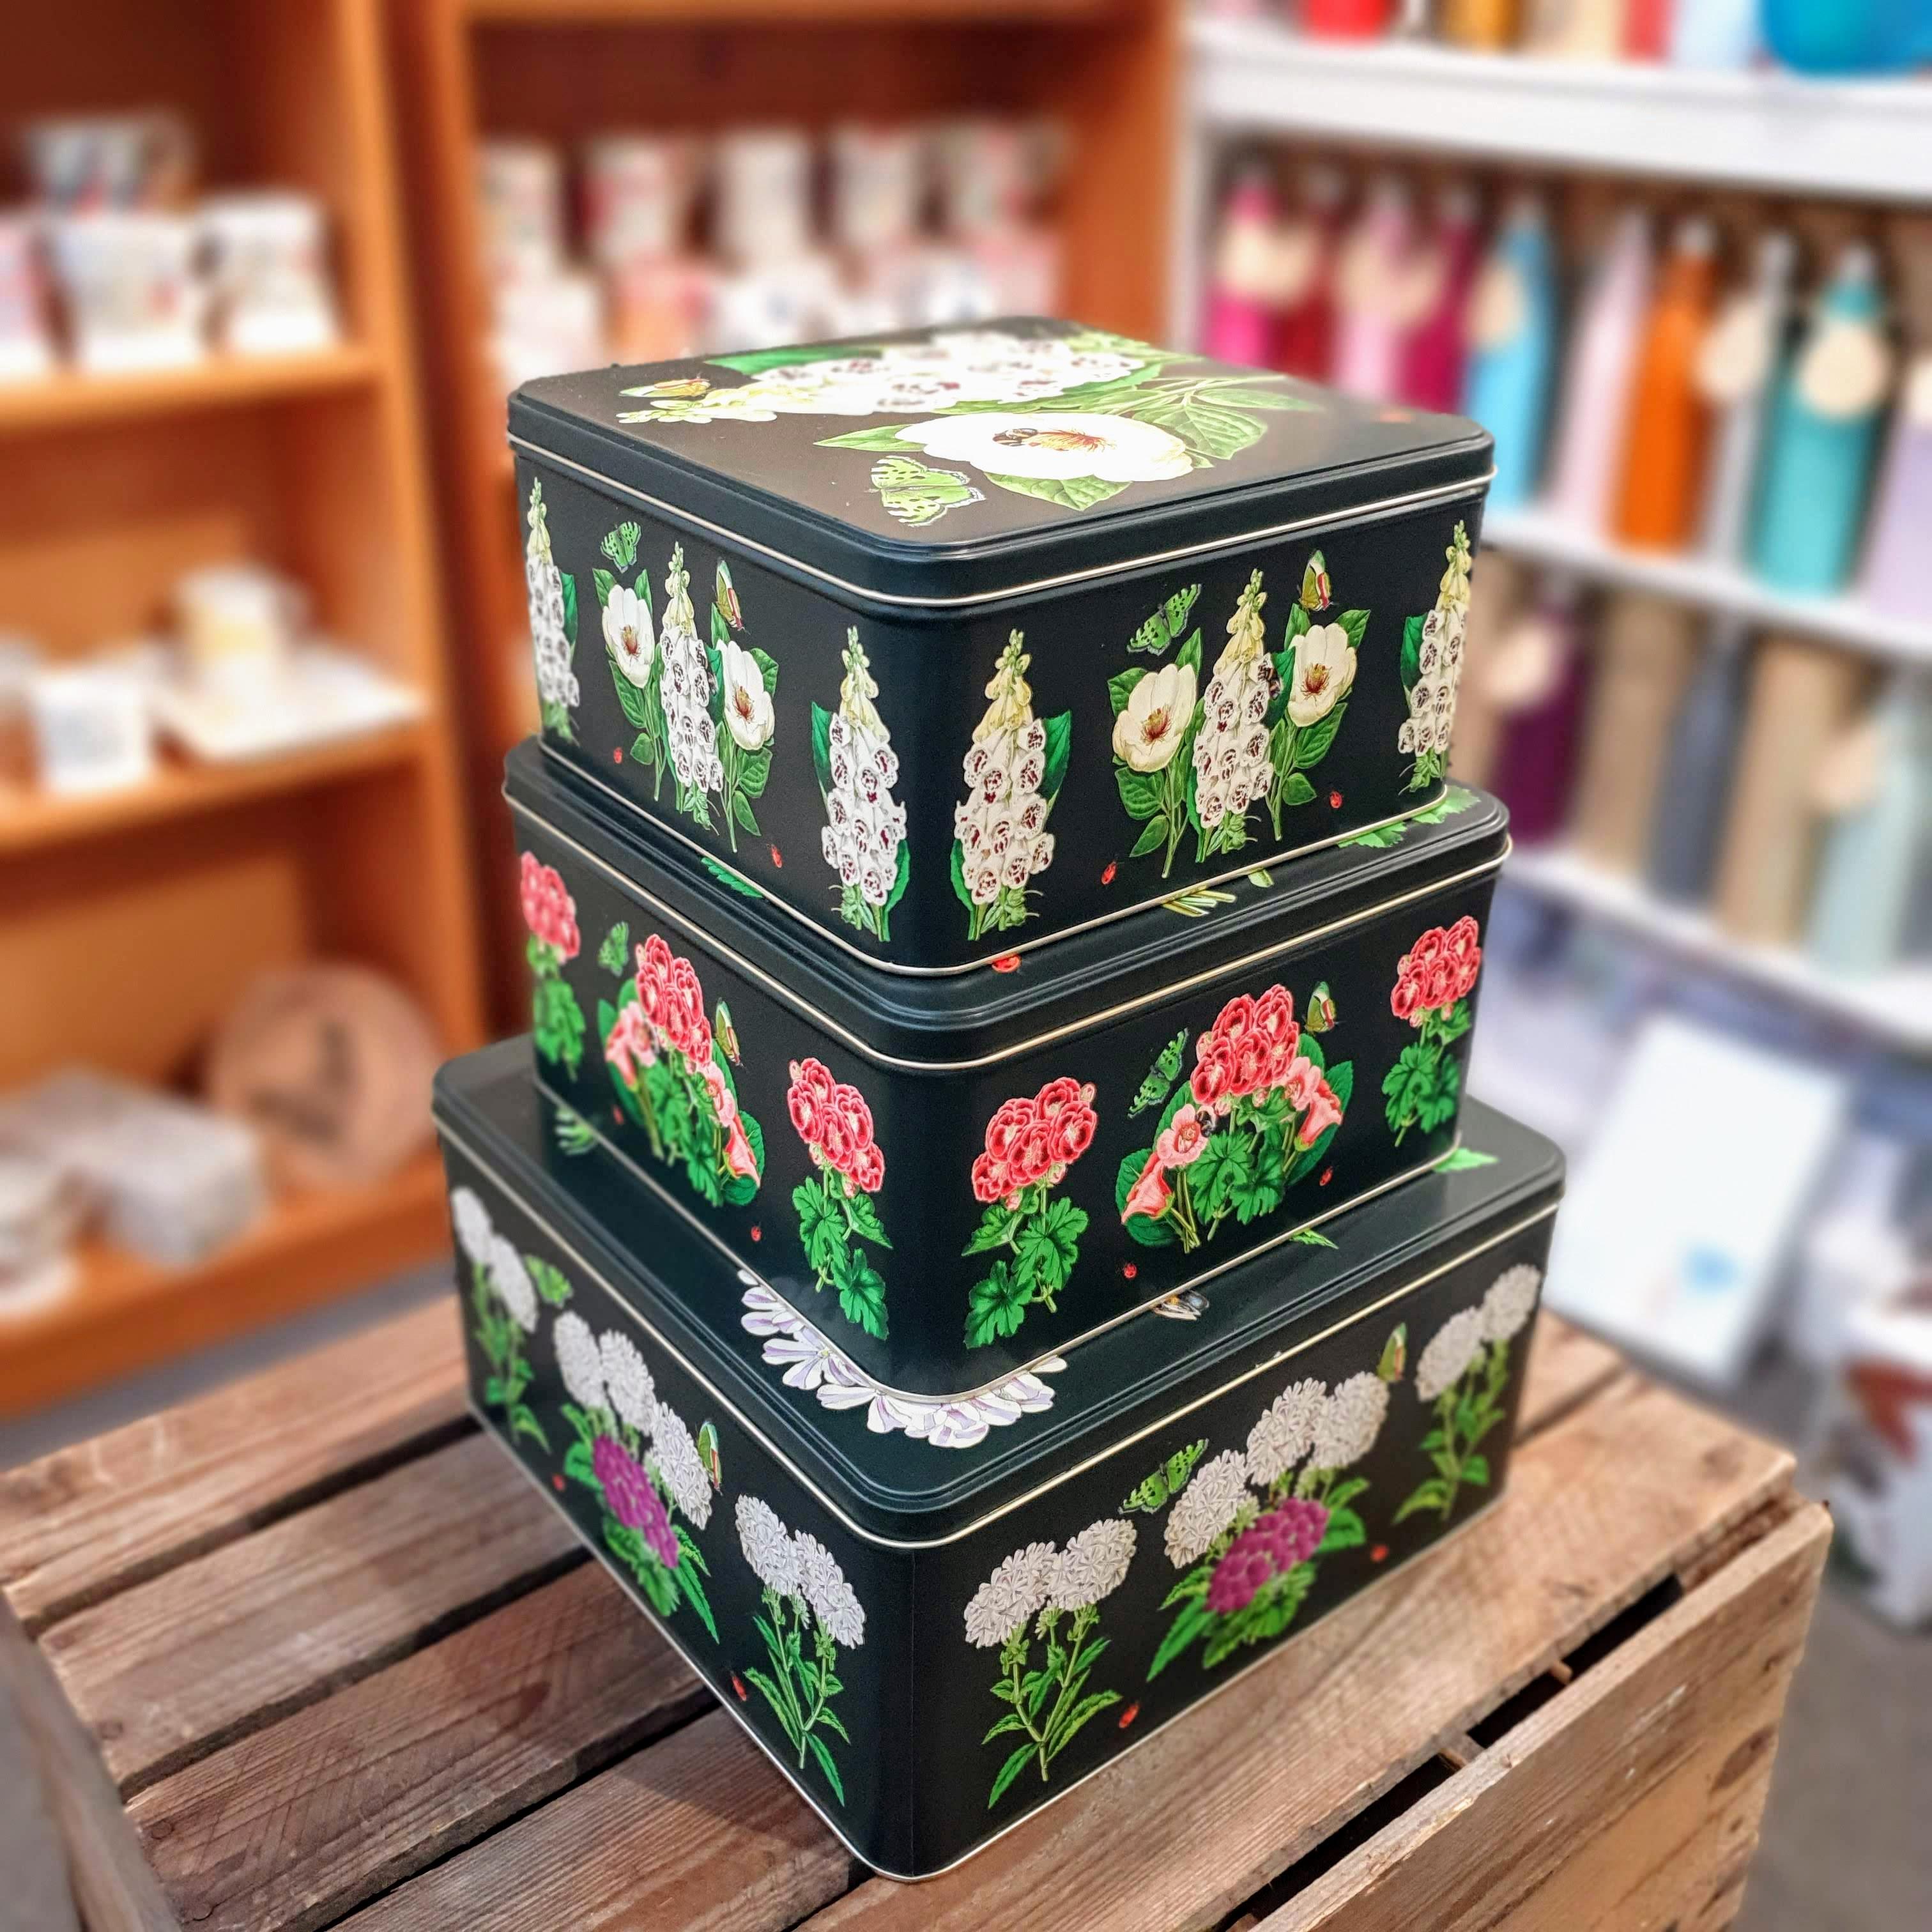 madame treacle set of tins